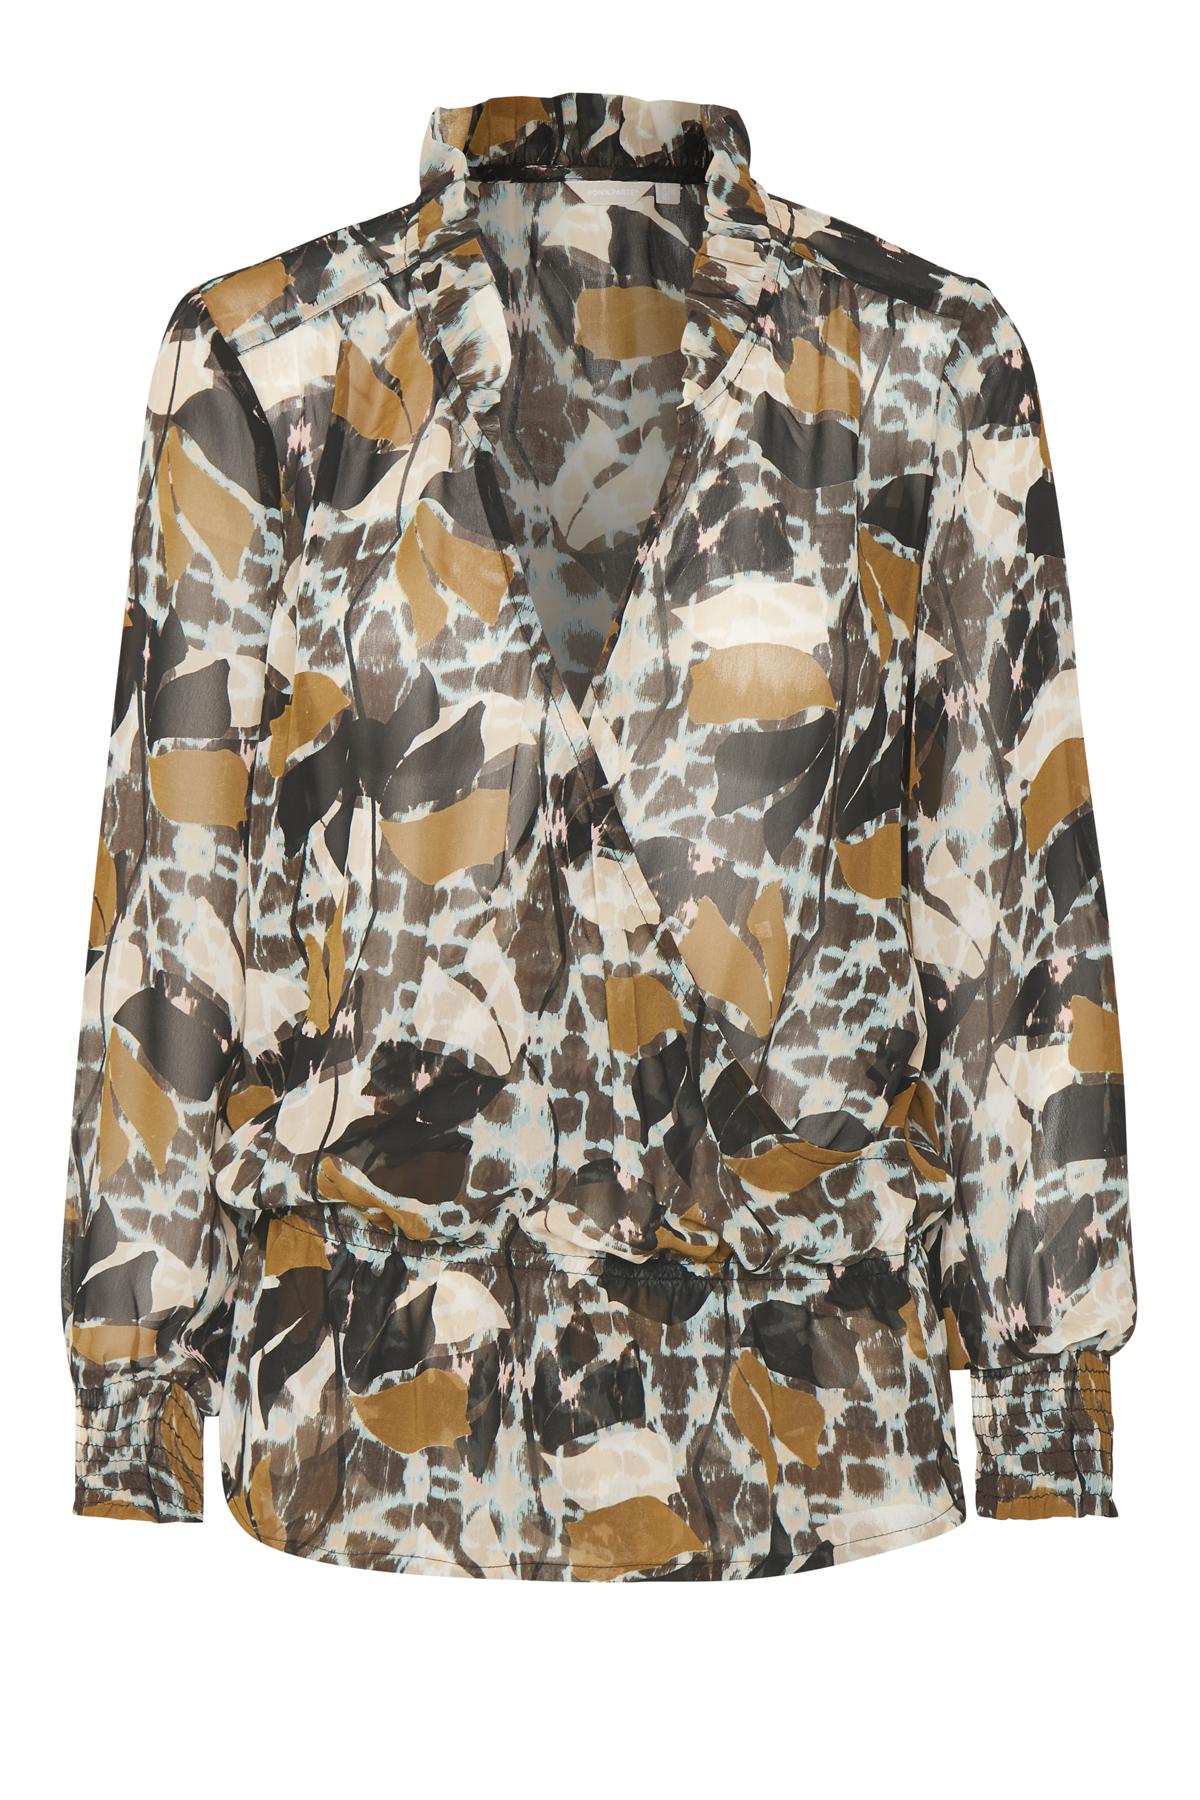 Mørkebrun/turkis Langærmet bluse fra Bon'A Parte – Køb Mørkebrun/turkis Langærmet bluse fra str. S-2XL her